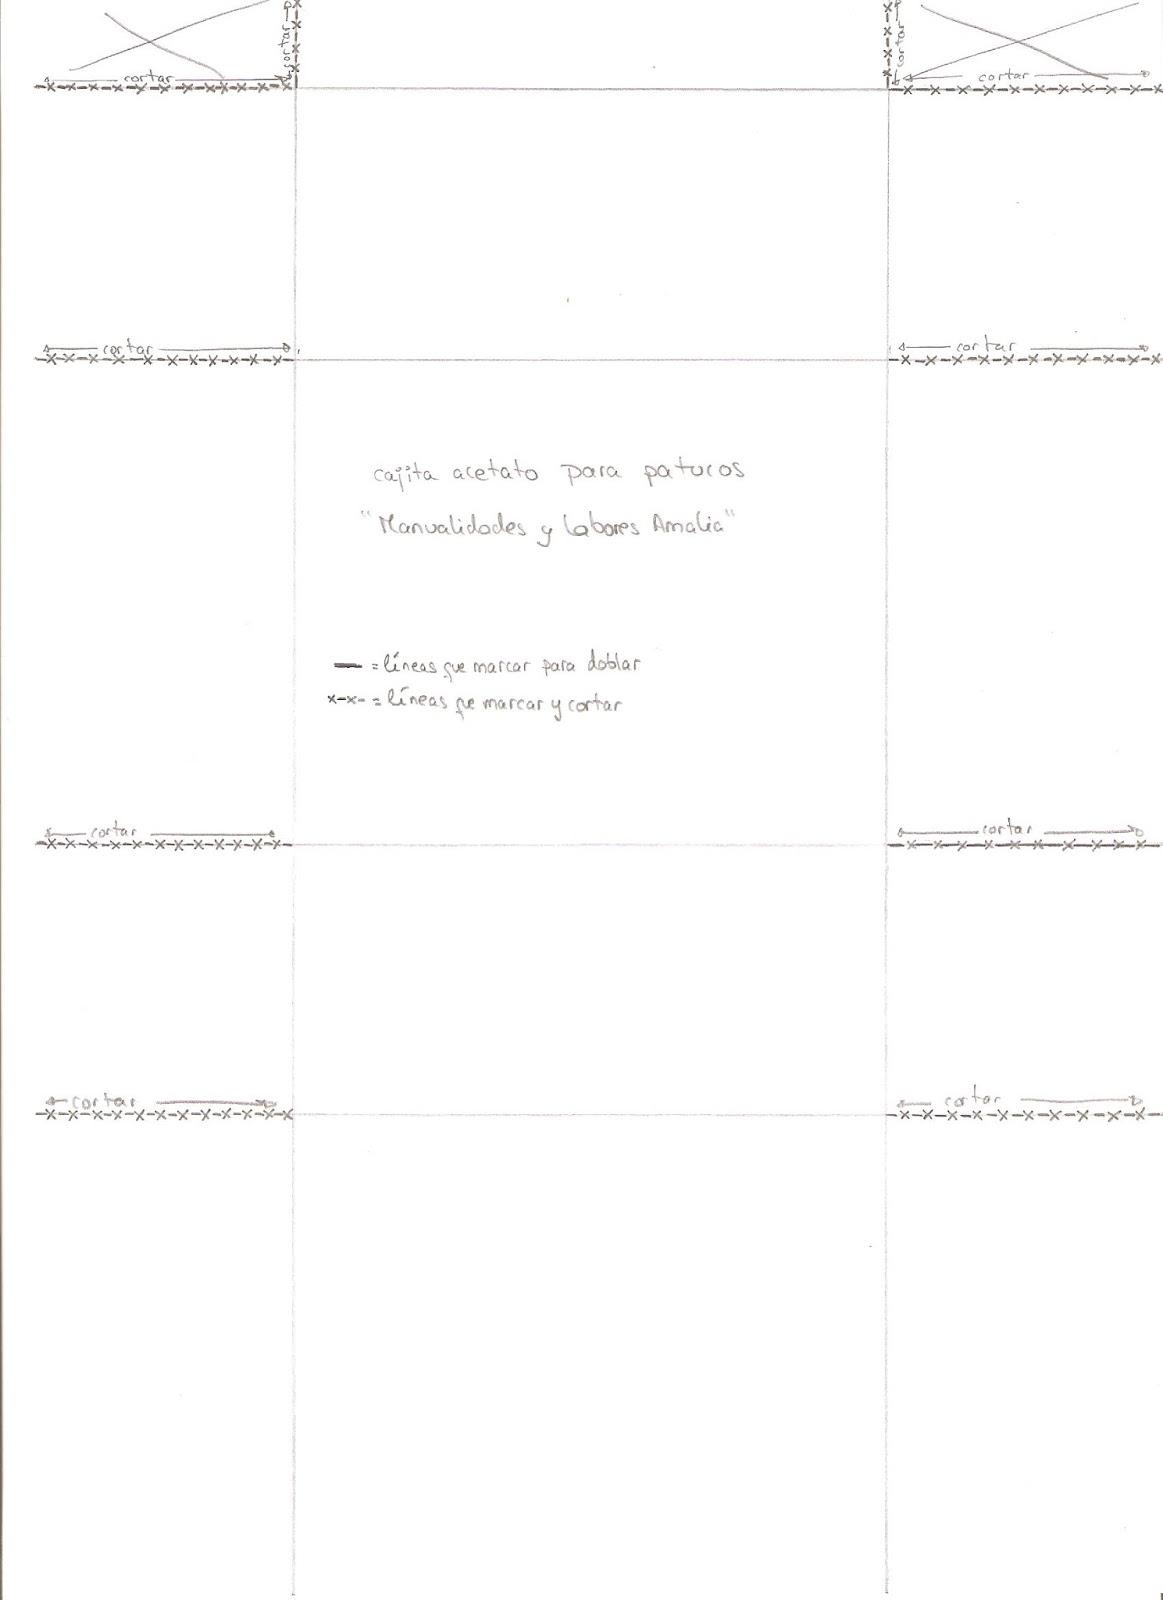 Manualidades y Labores Amalia: Cómo hacer cajas transparentes para ...